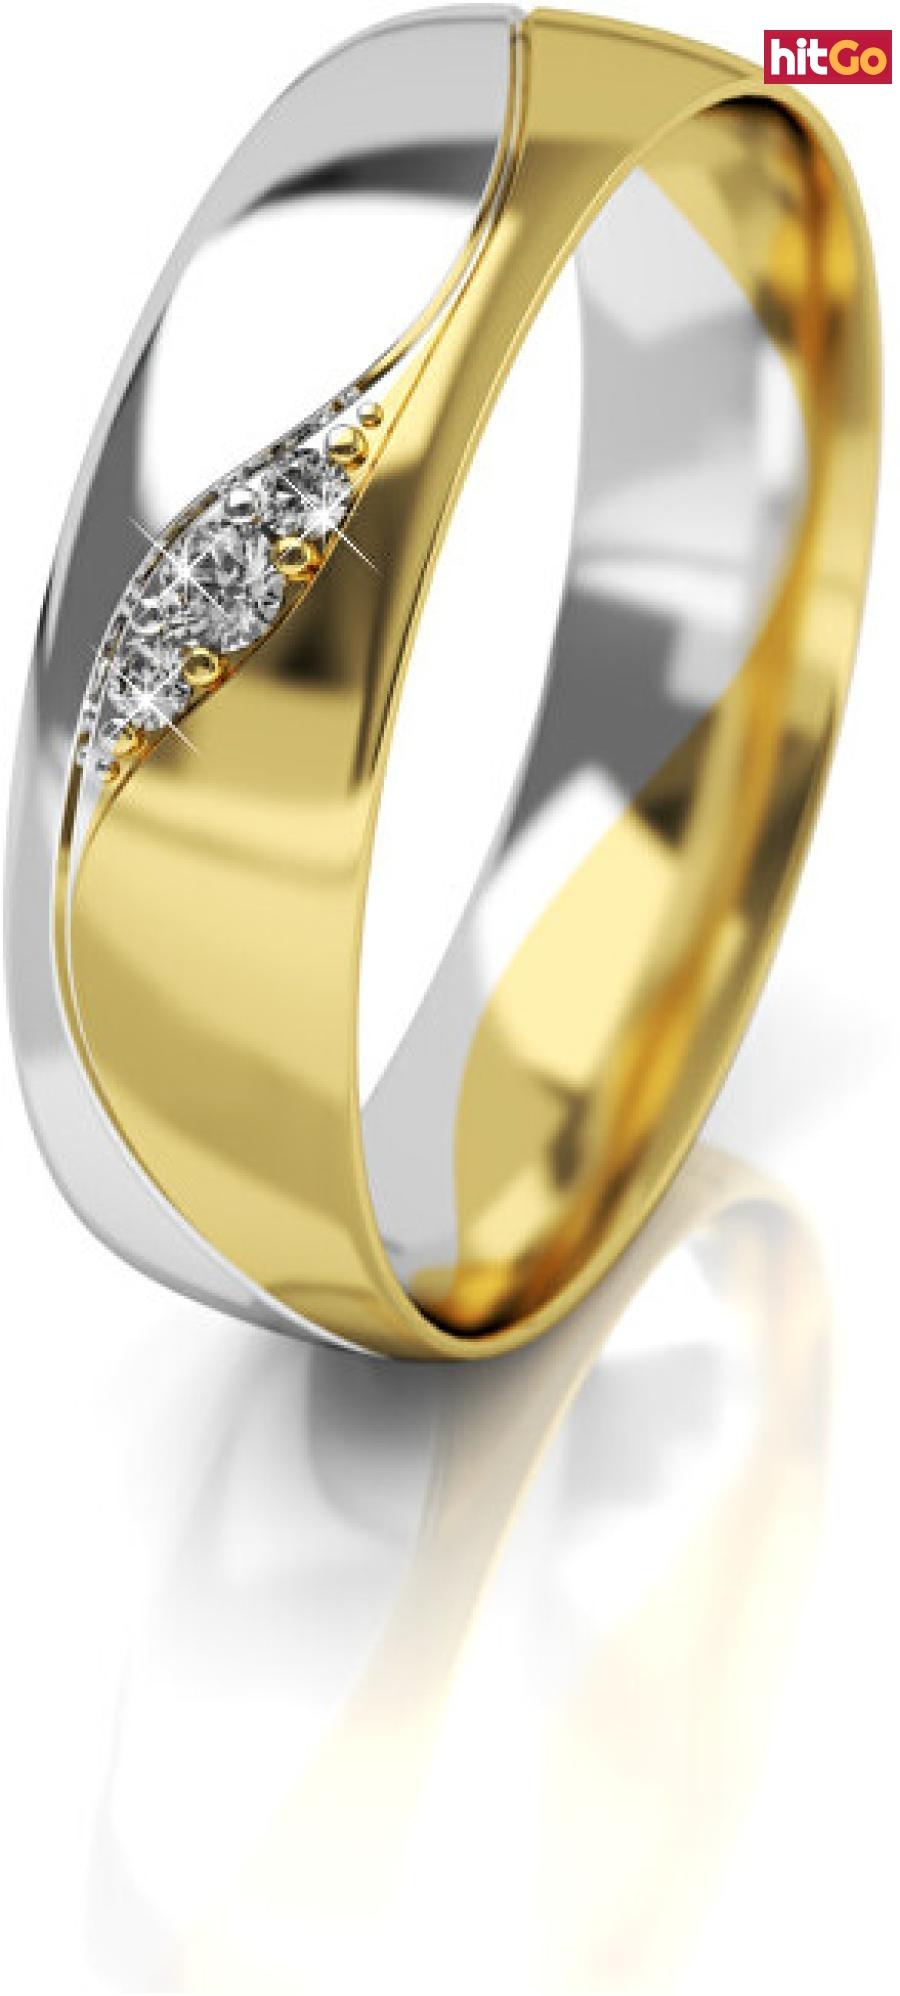 Art Diamond Dámský bicolor snubní prsten ze zlata se zirkony AUG276 54 mm dámské